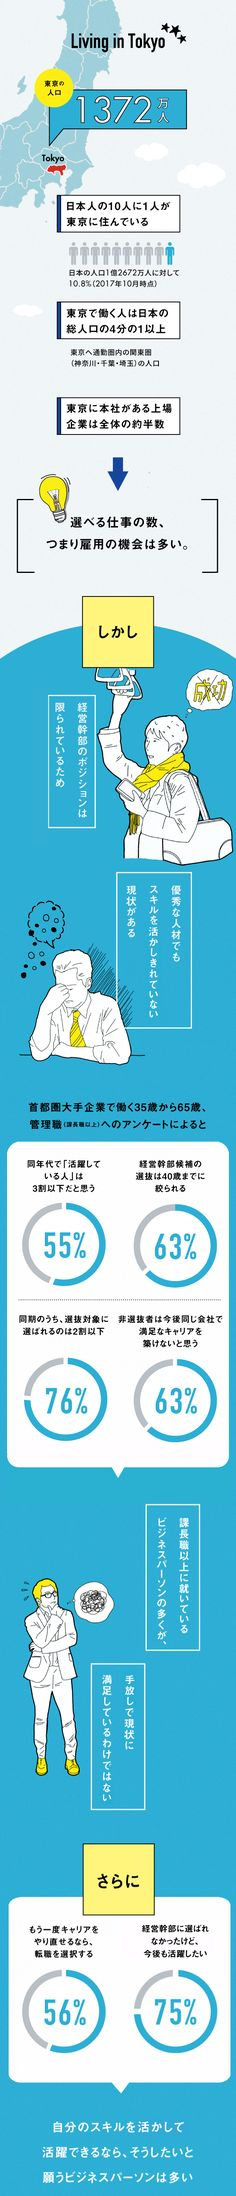 【インフォグラフィック】SELF TURNの時代